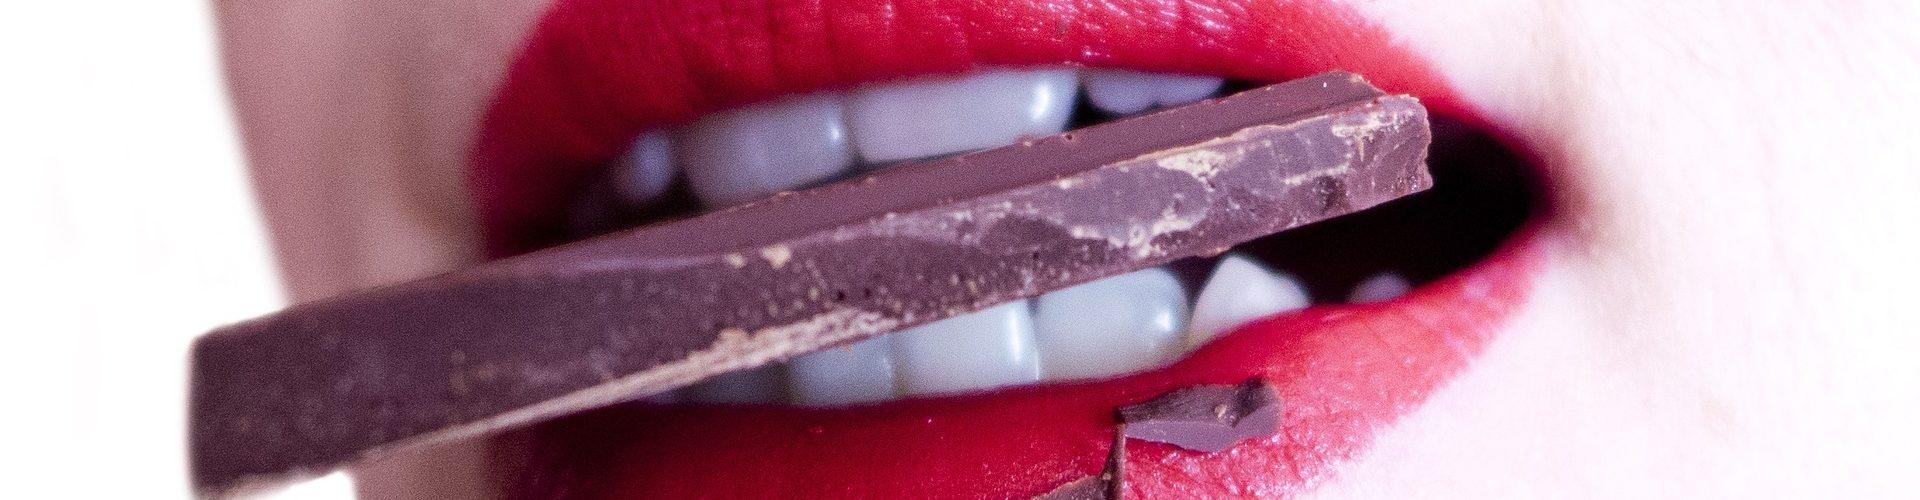 Importanza dei polifenoli del cacao durante la menopausa